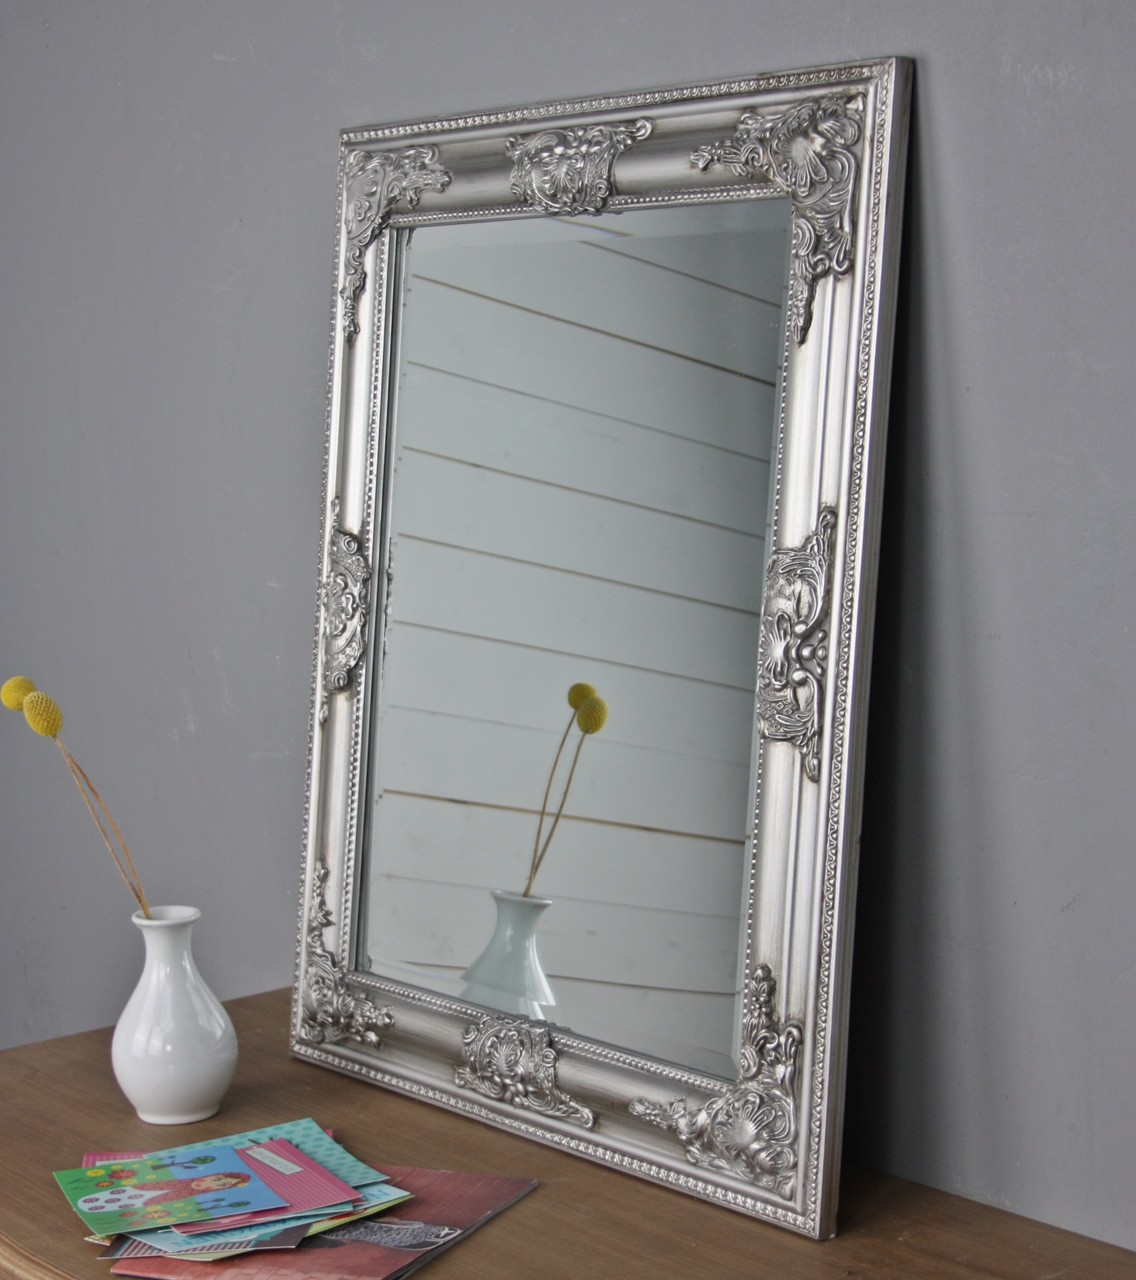 Spiegel silber barock | günstige Landhausmöbel online kaufen | elbmöbel